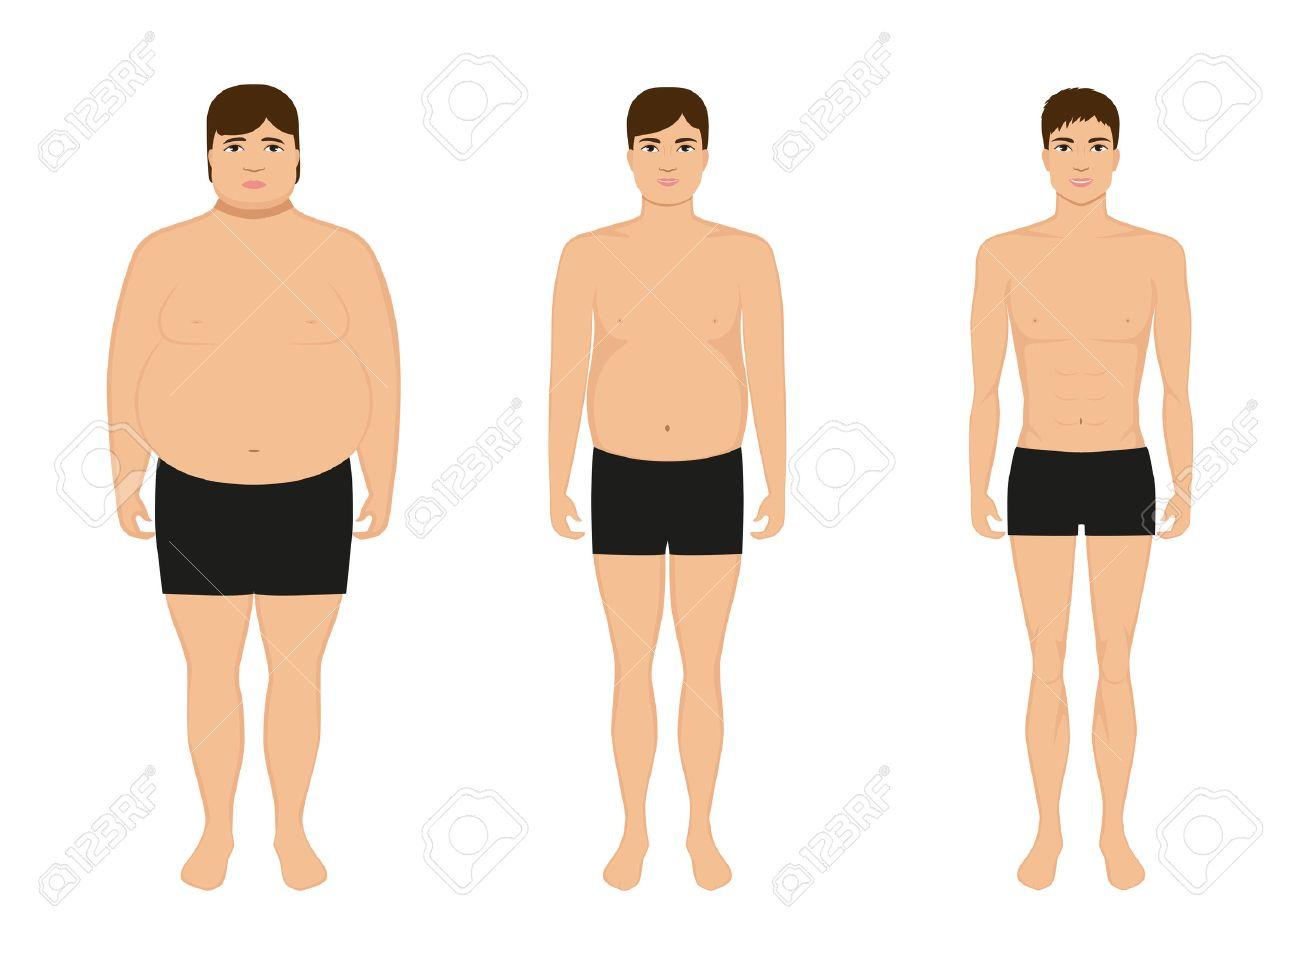 Dieta para adelgazar hombres guapos